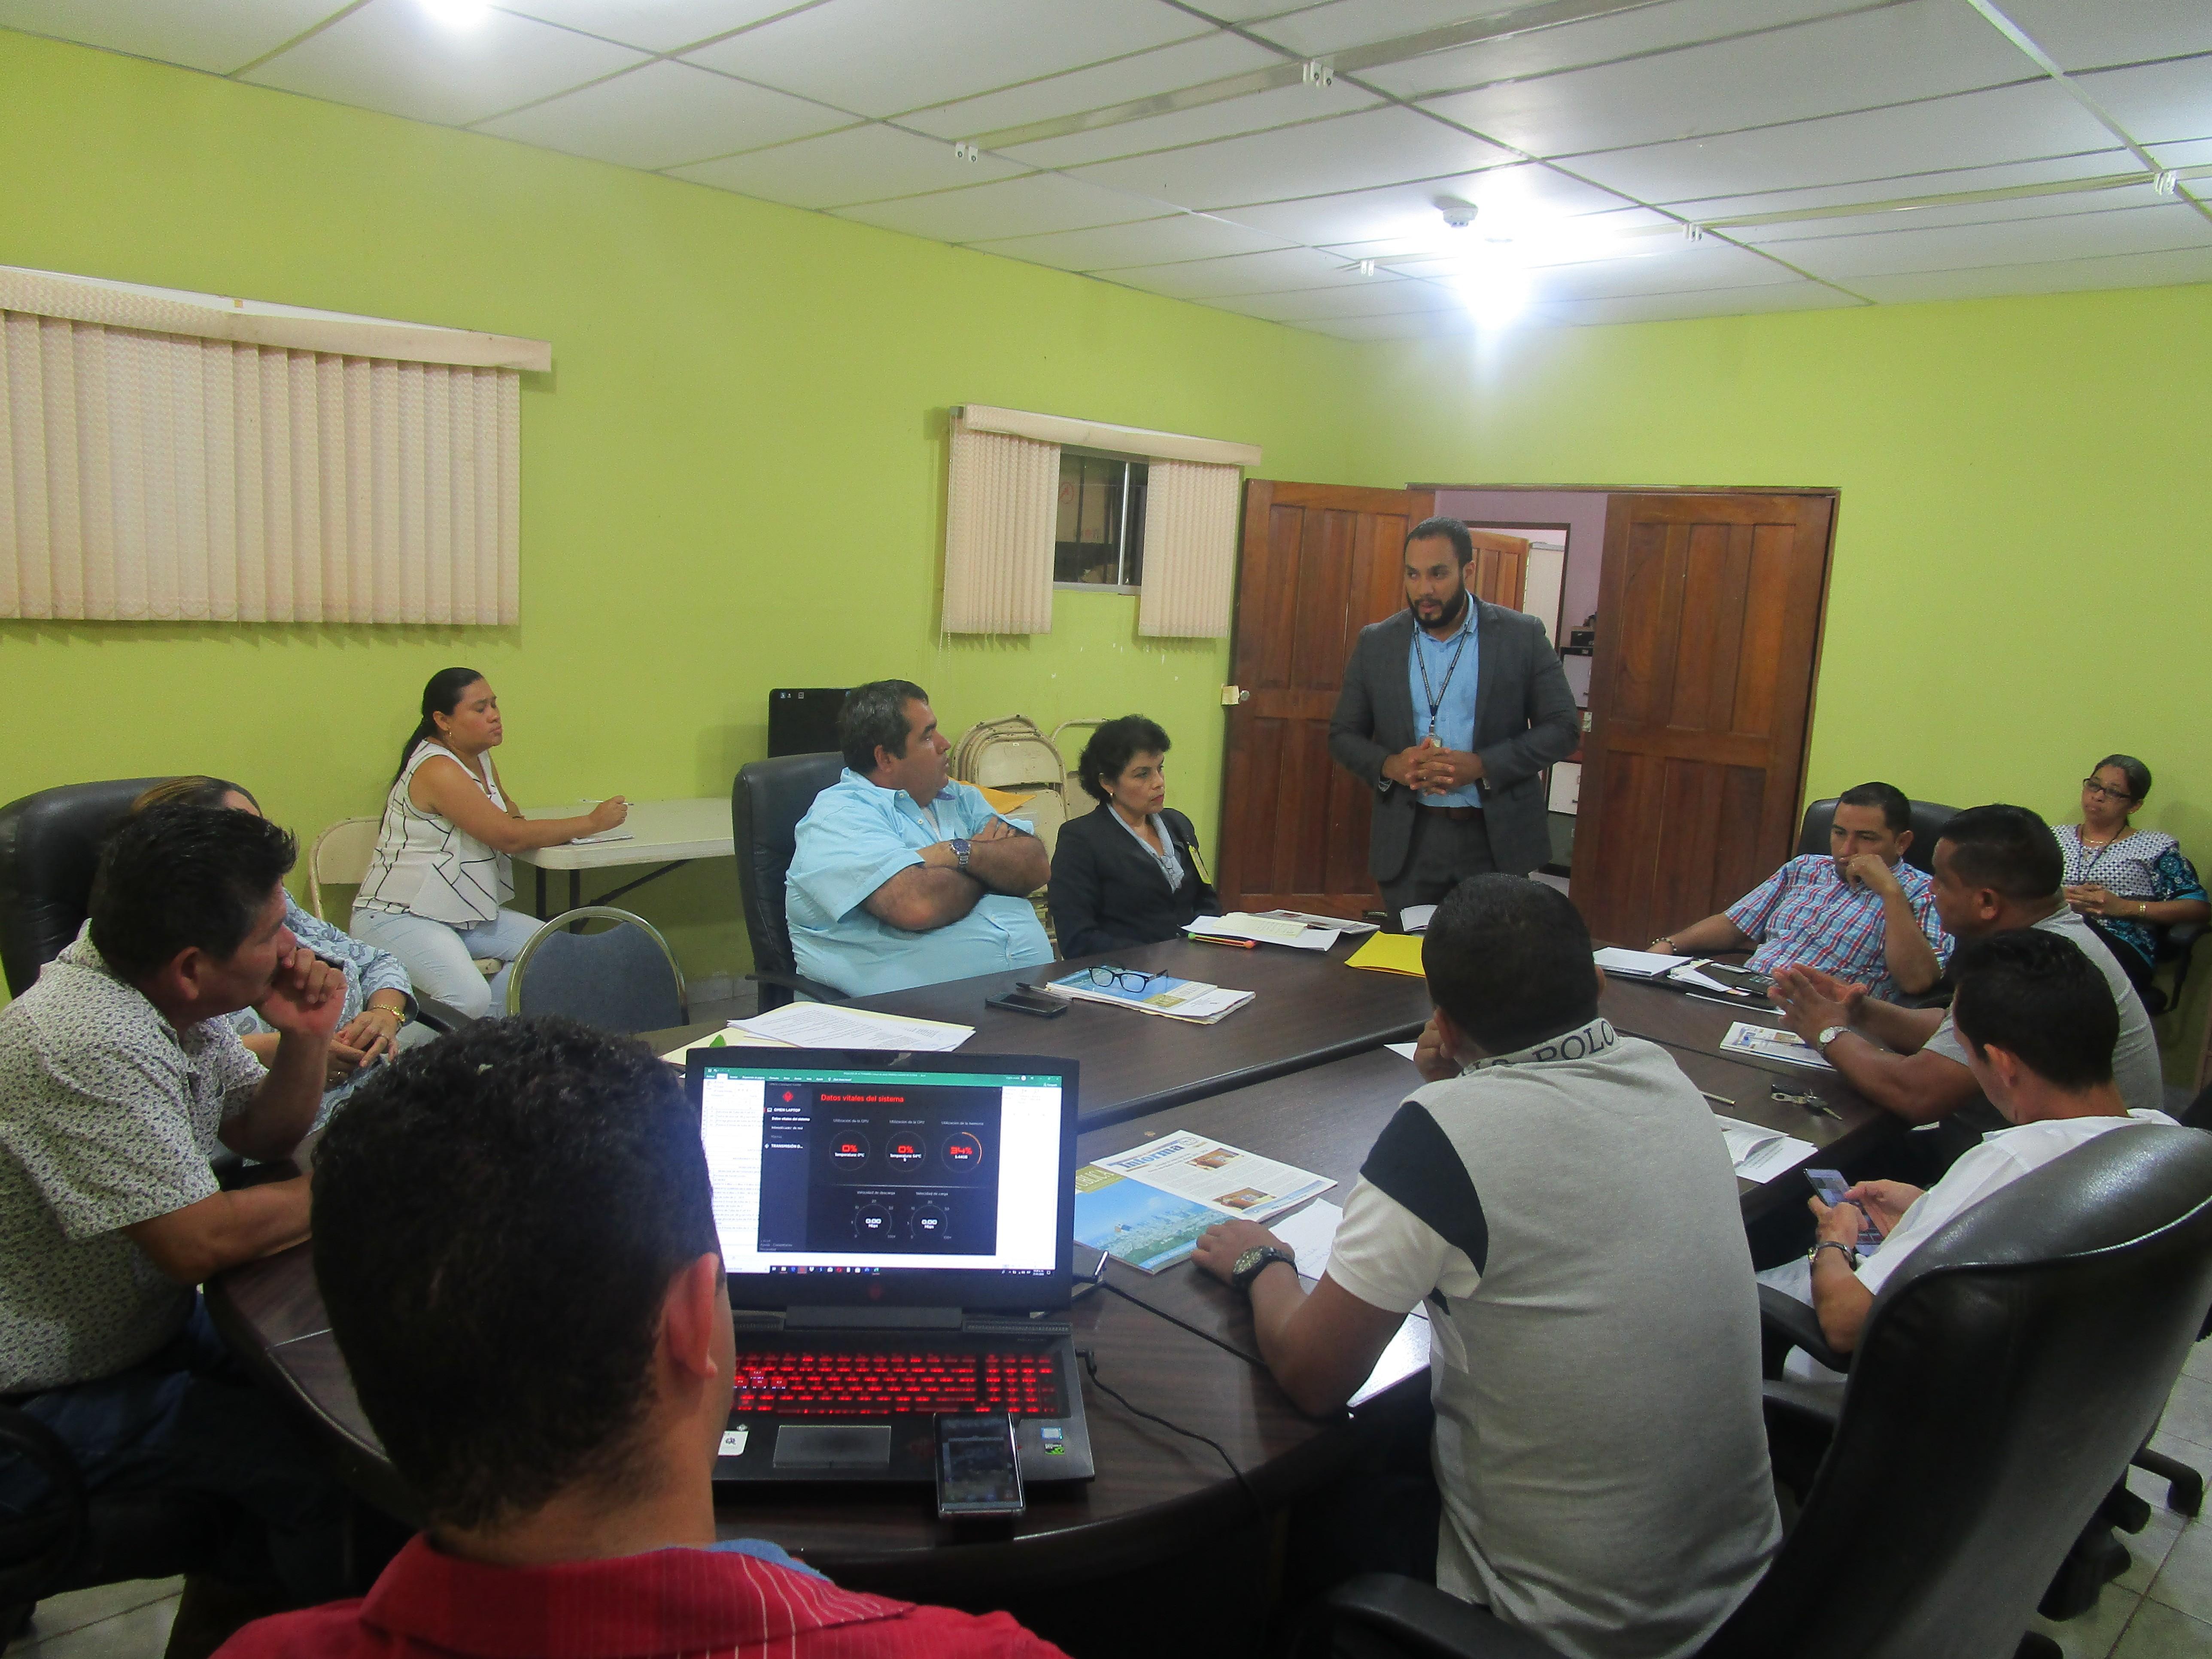 Coordinación sobre descentralización y participación ciudadana con autoridades locales de Gualaca